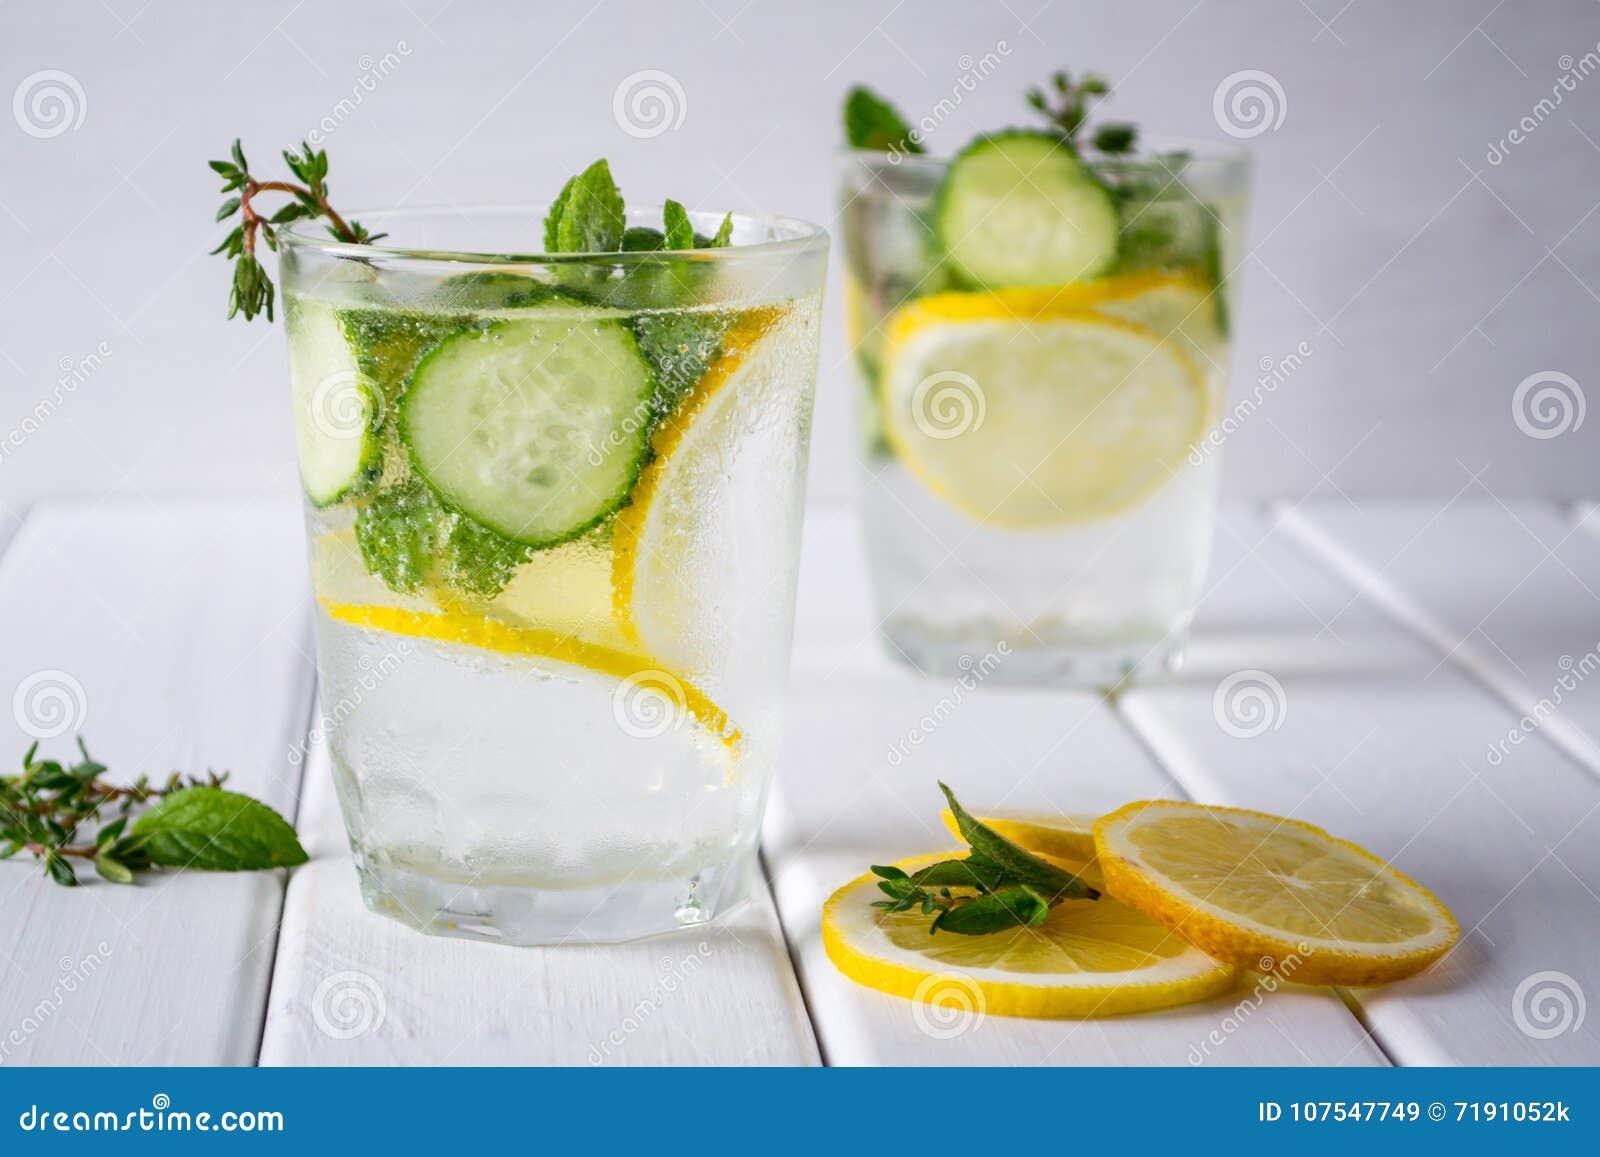 刷新的黄瓜鸡尾酒,柠檬水,在一块玻璃的戒毒所水在白色背景